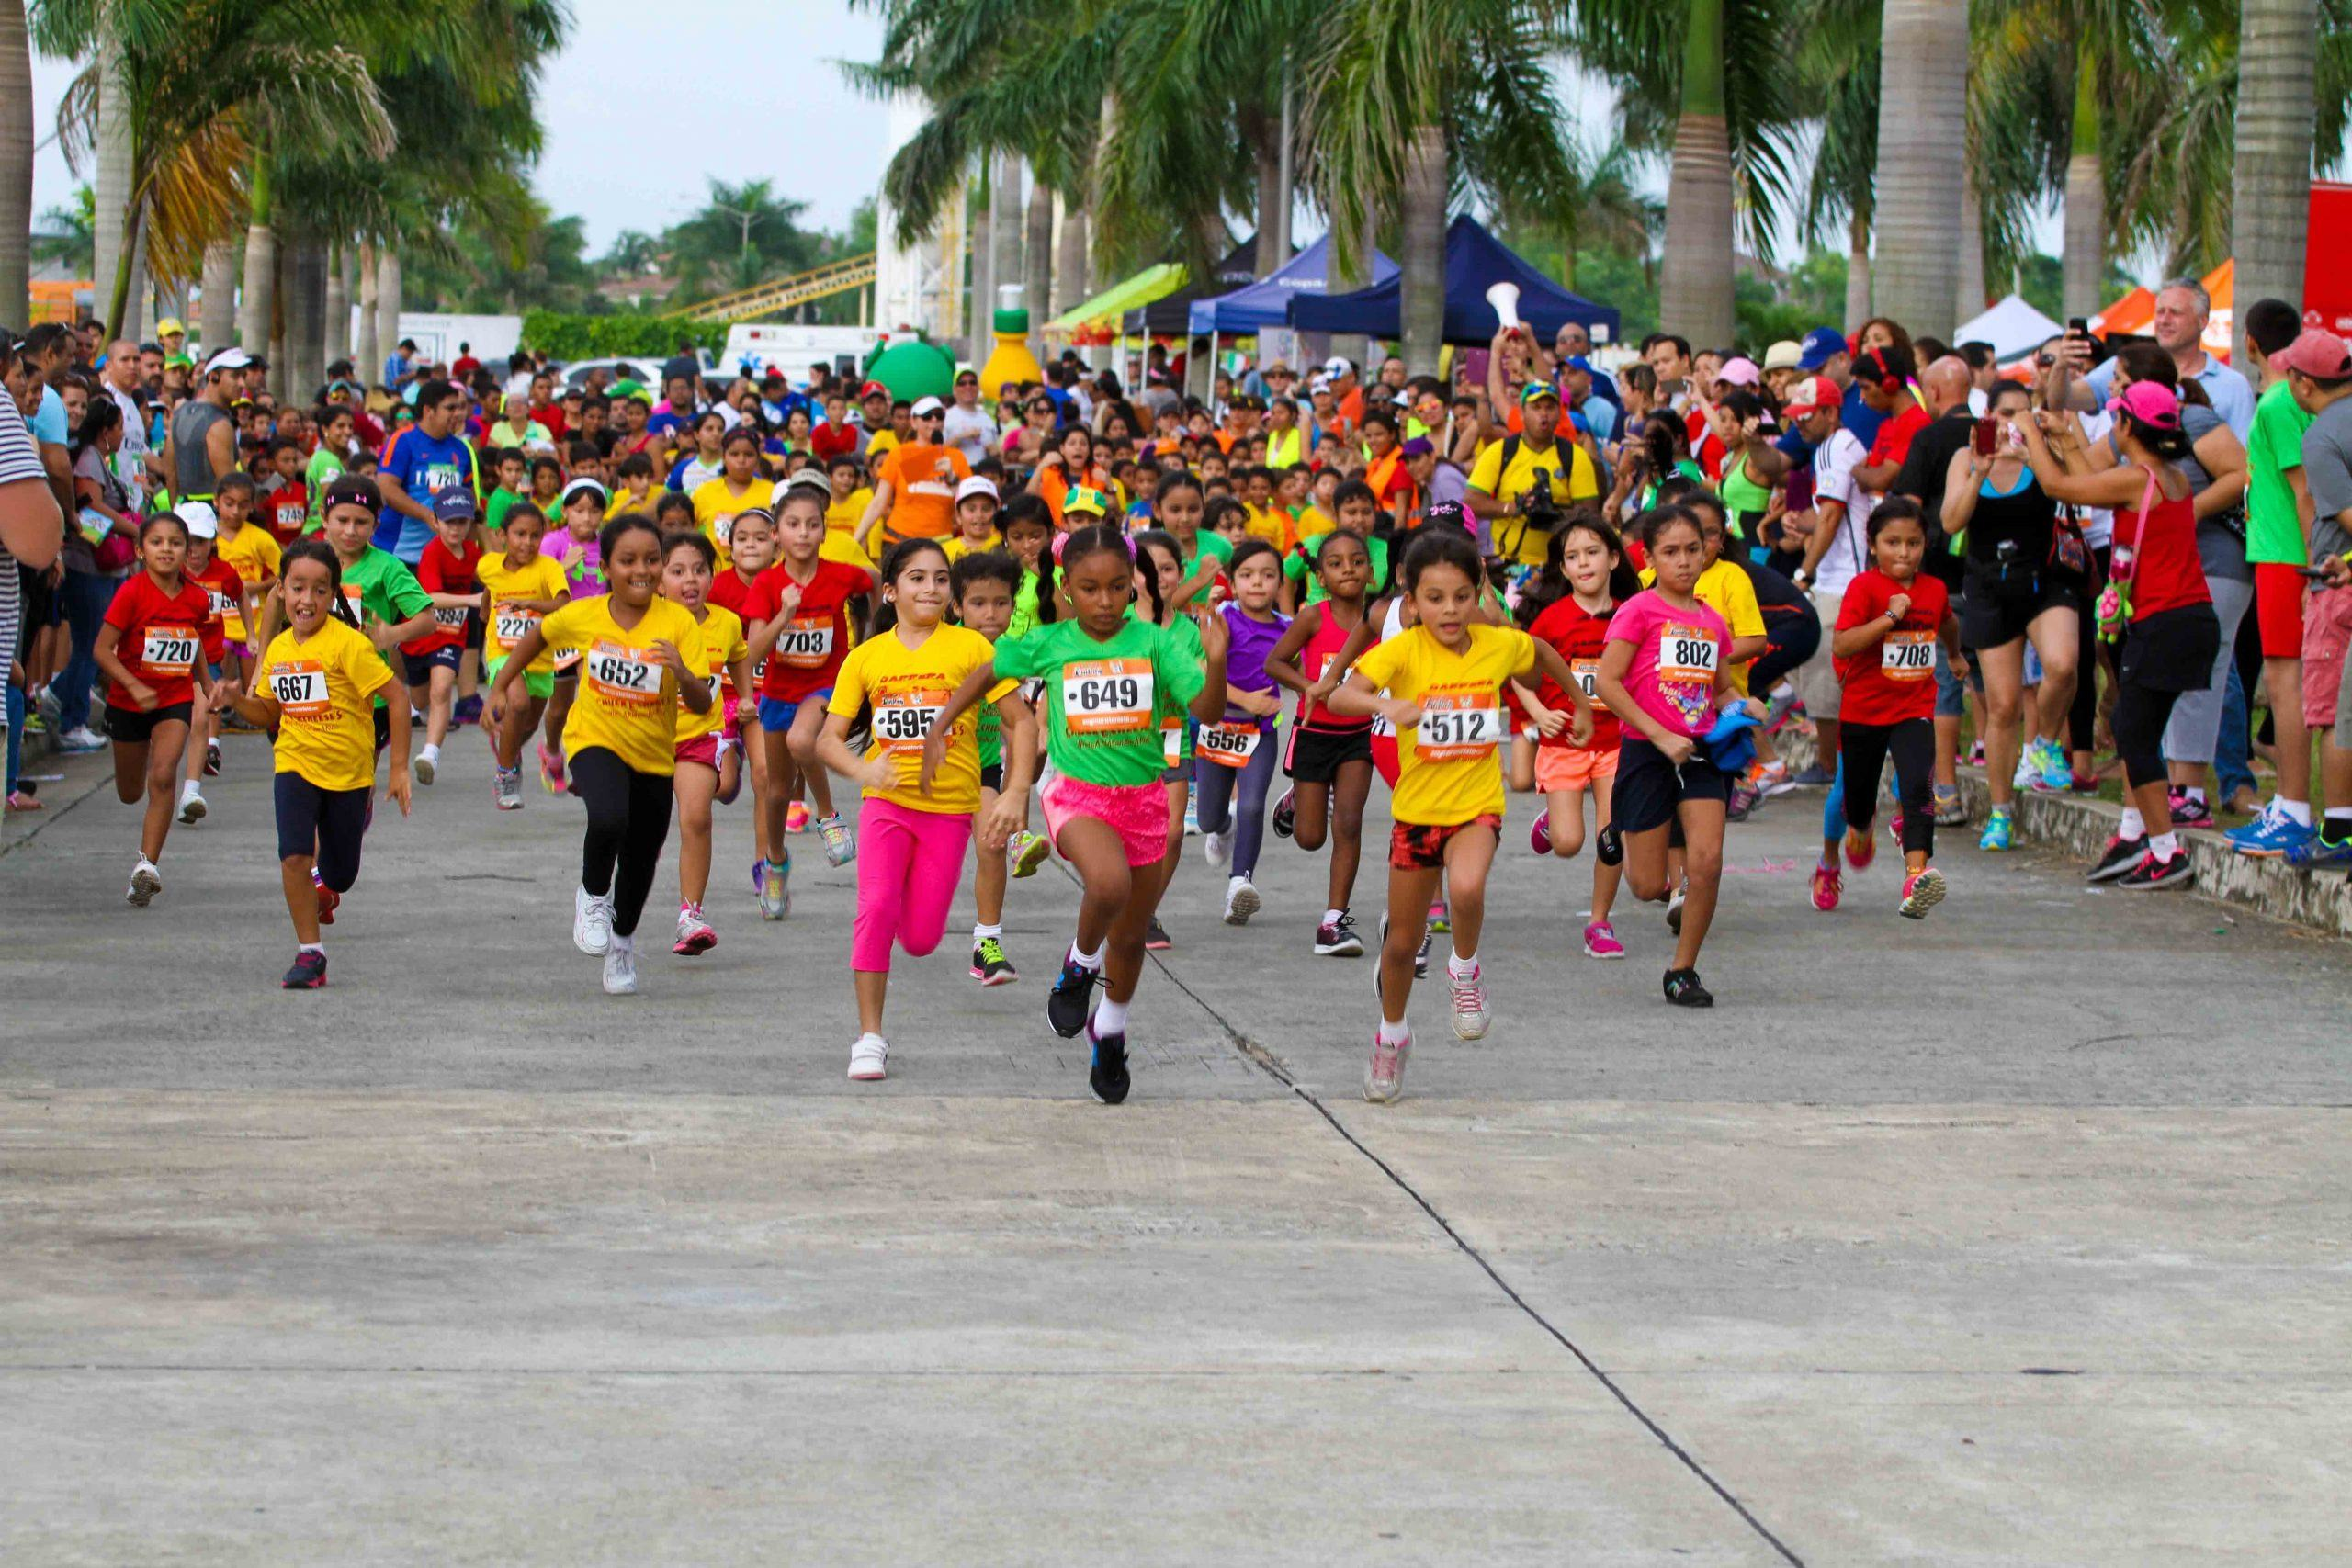 Alegría y diversión a más de 500 niños en la carrera Juniors, Panamá.